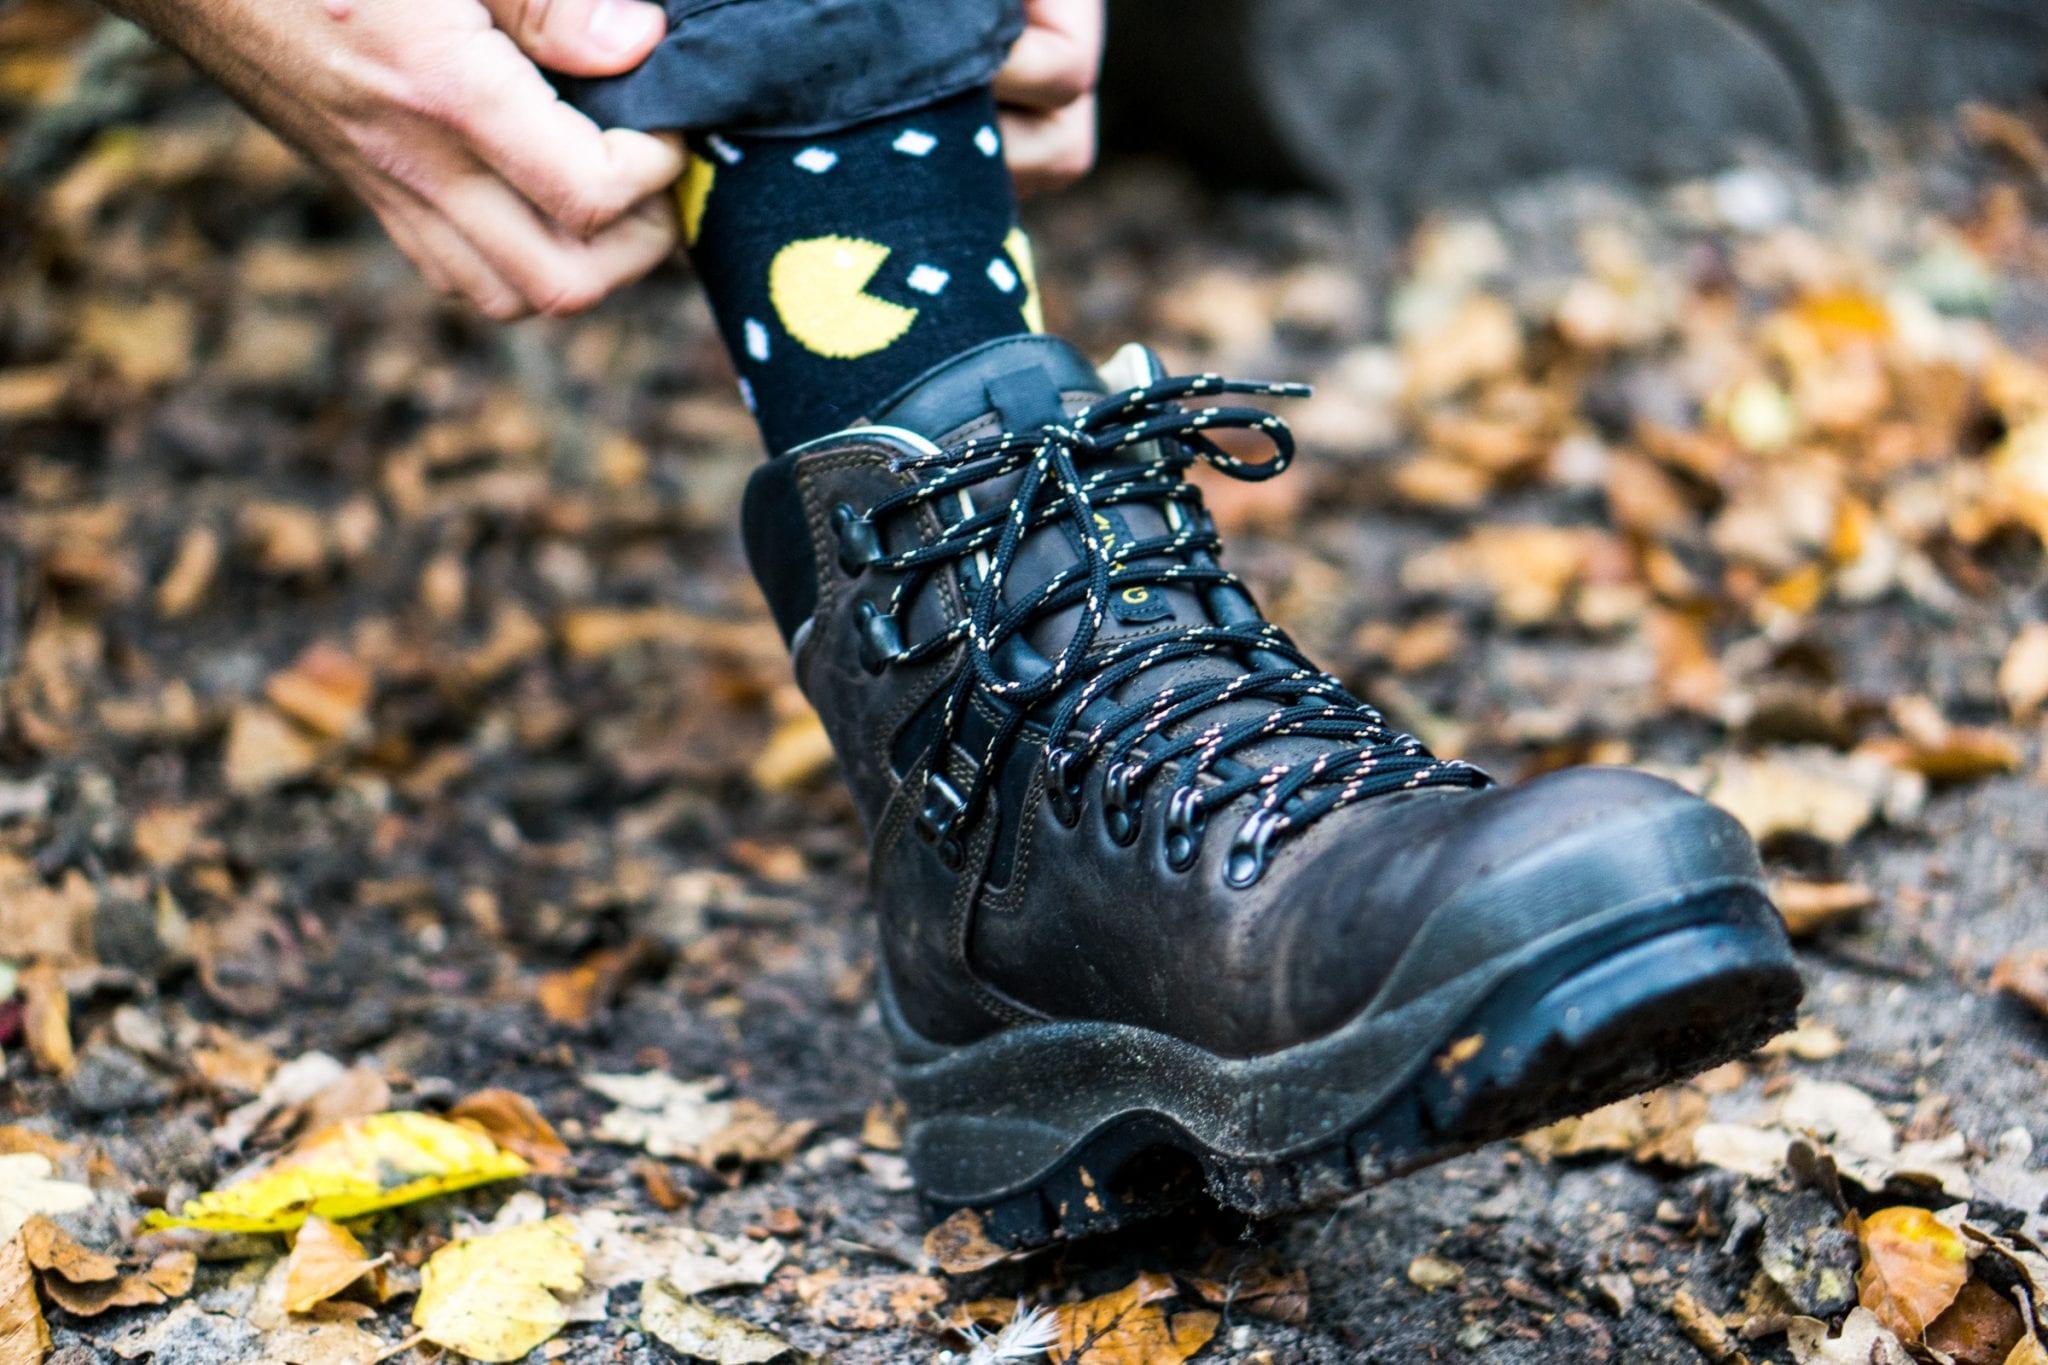 8bdd8fc1a3d Ontdek de wereld met Grisport schoenen | The Hike